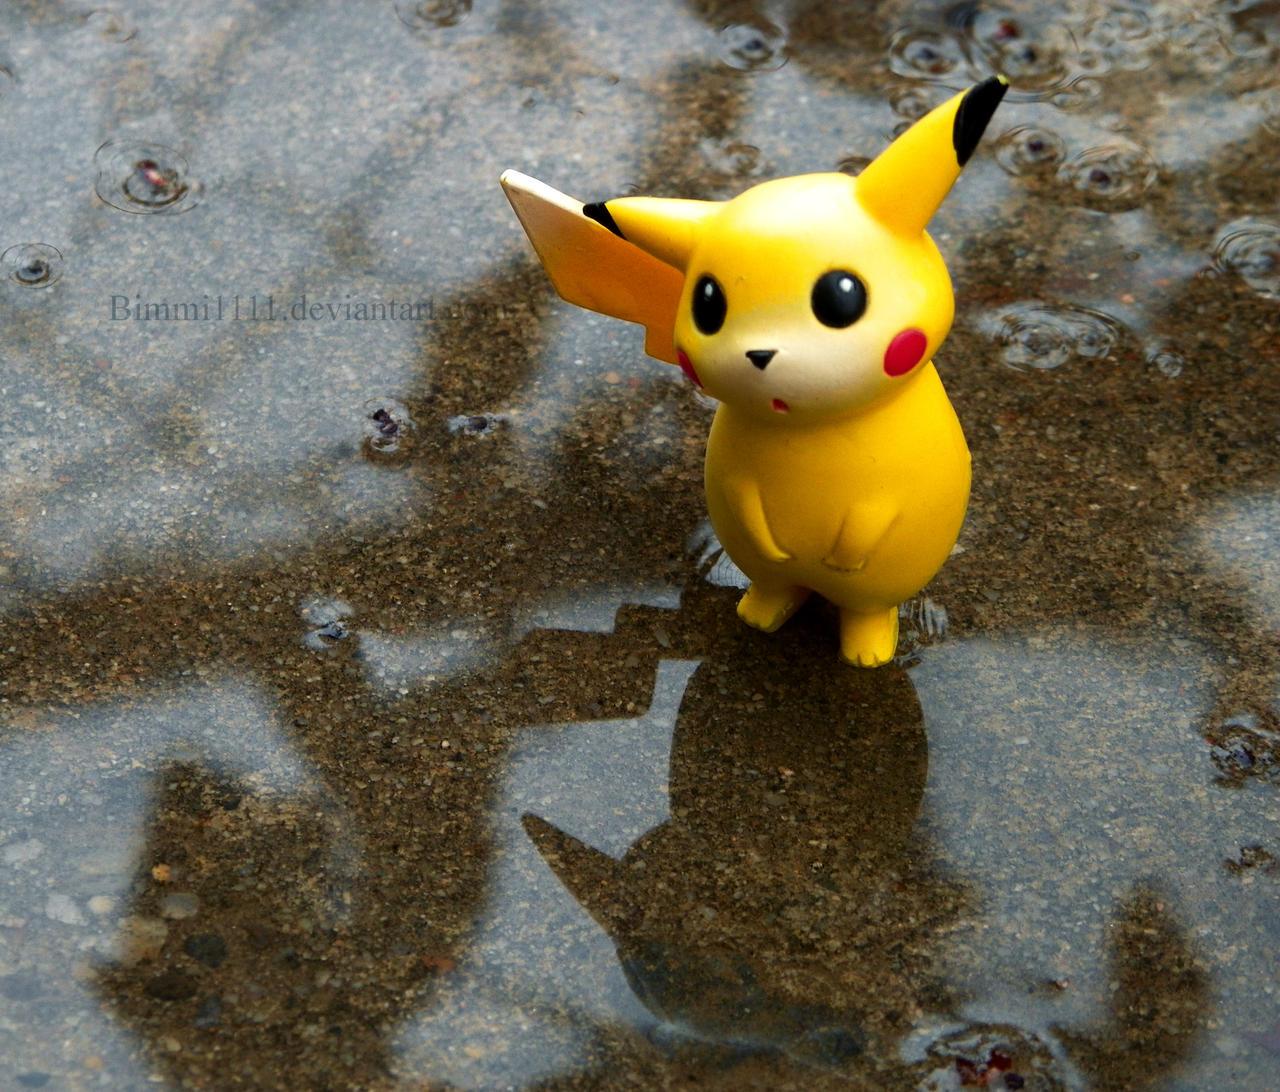 Pikachus rainy day by Bimmi1111